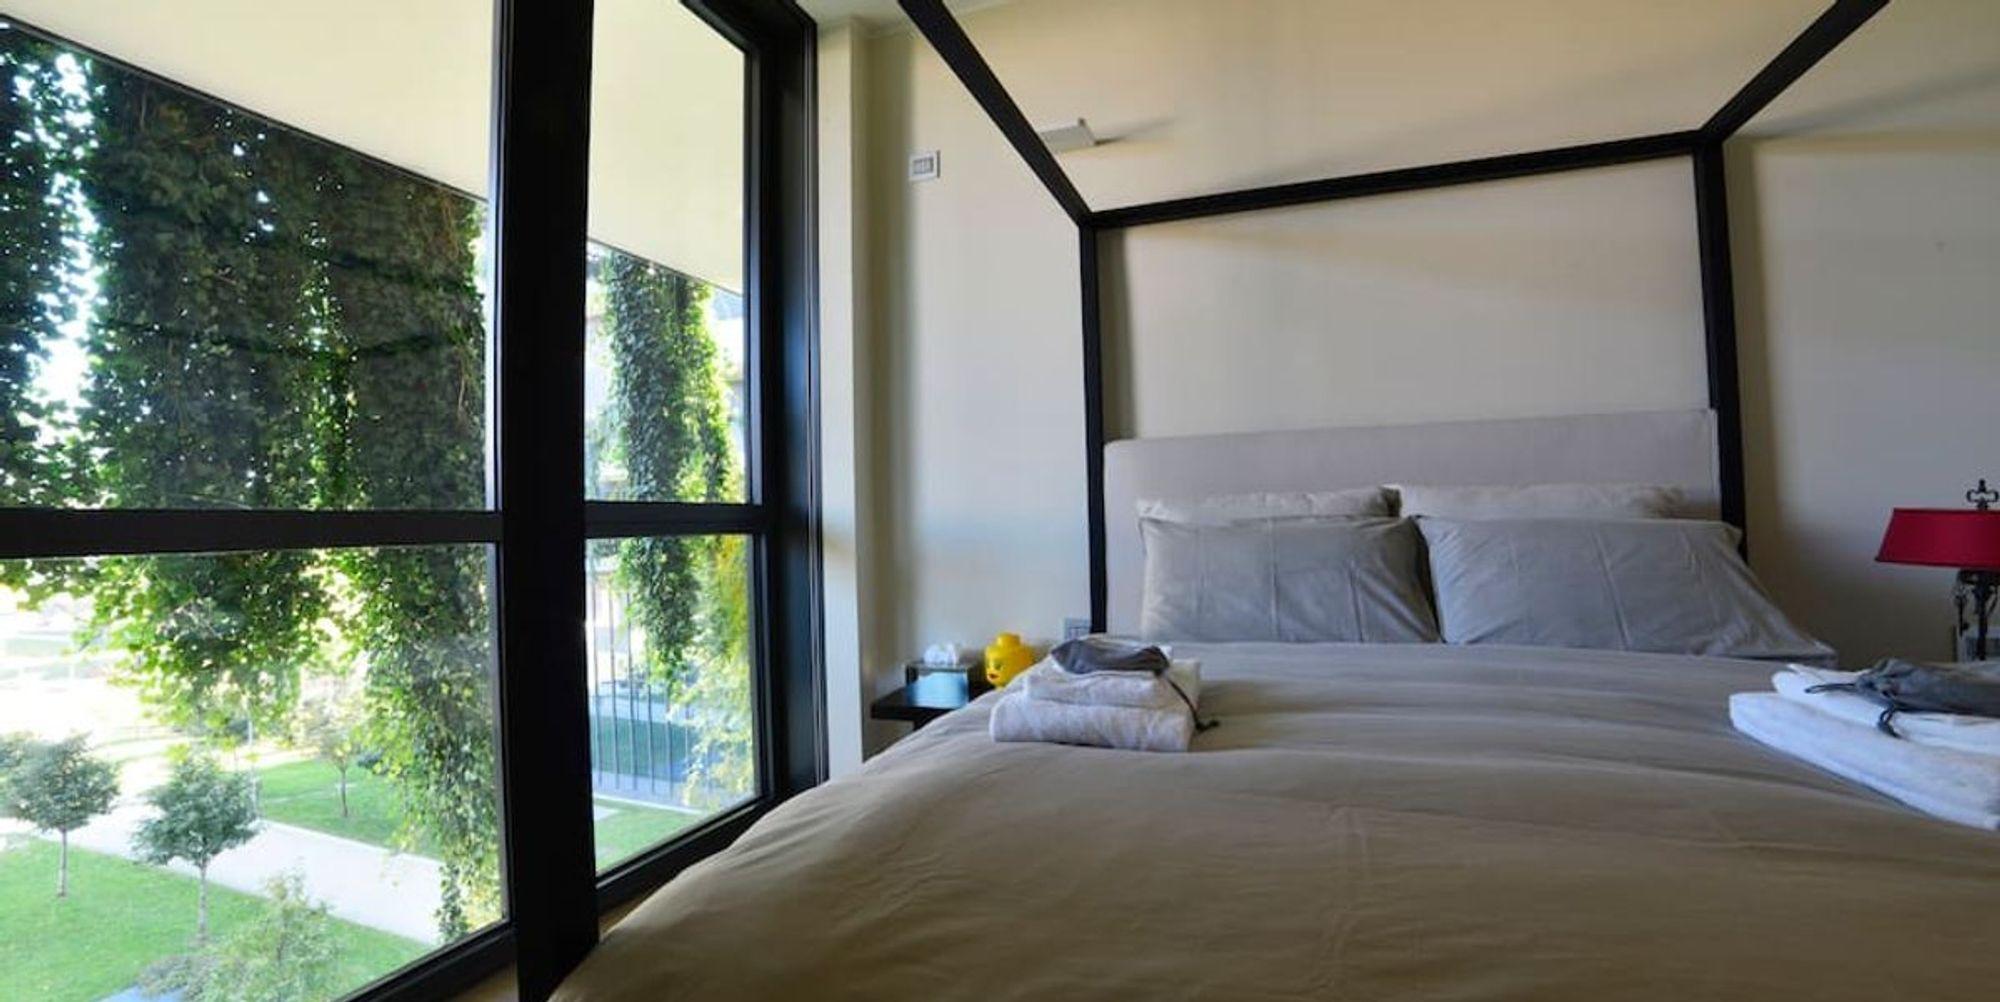 Bosco Verticale Appartamenti Costo airbnb, costa 180 euro una notte nel bosco verticale - panorama